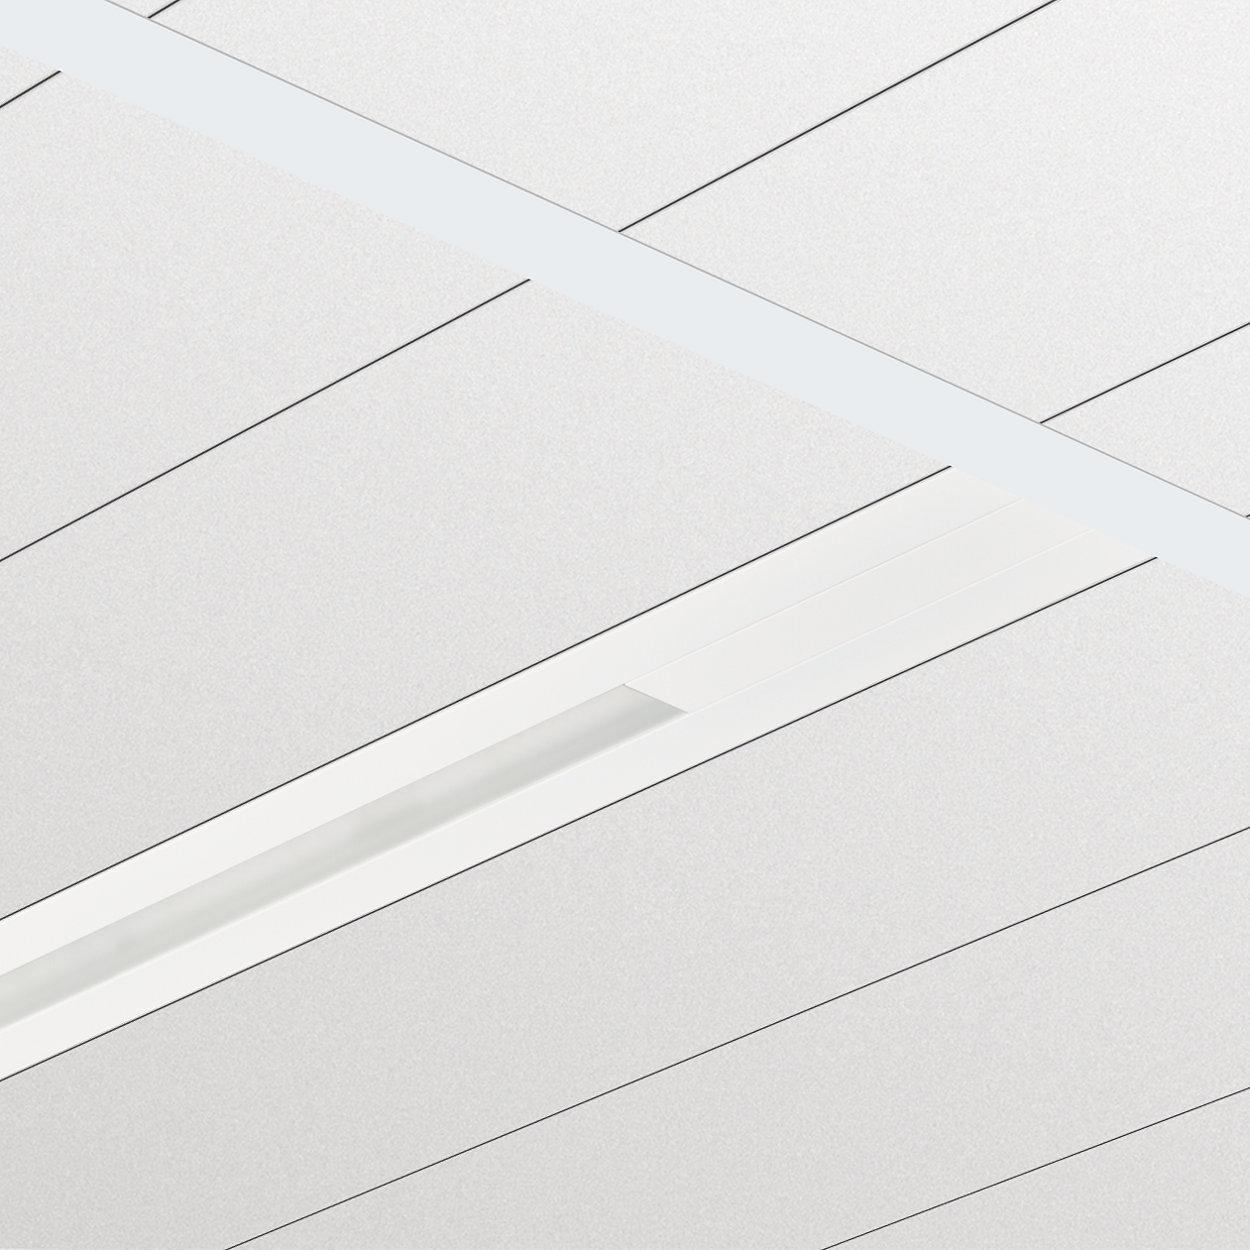 Philips TrueLine Inbouw - Een echte lichtlijn; elegant, energiezuinig en in overeenstemming met de normen voor kantoorverlichting.